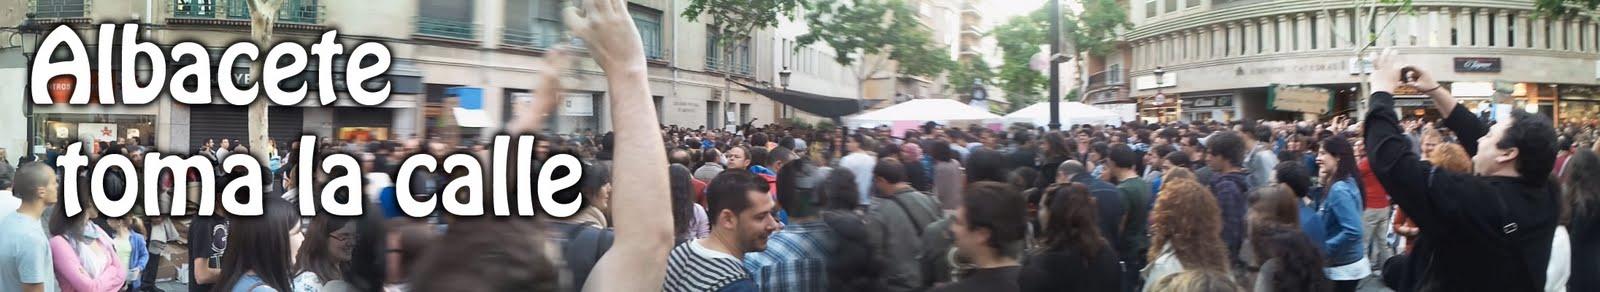 Albacete Toma la Calle